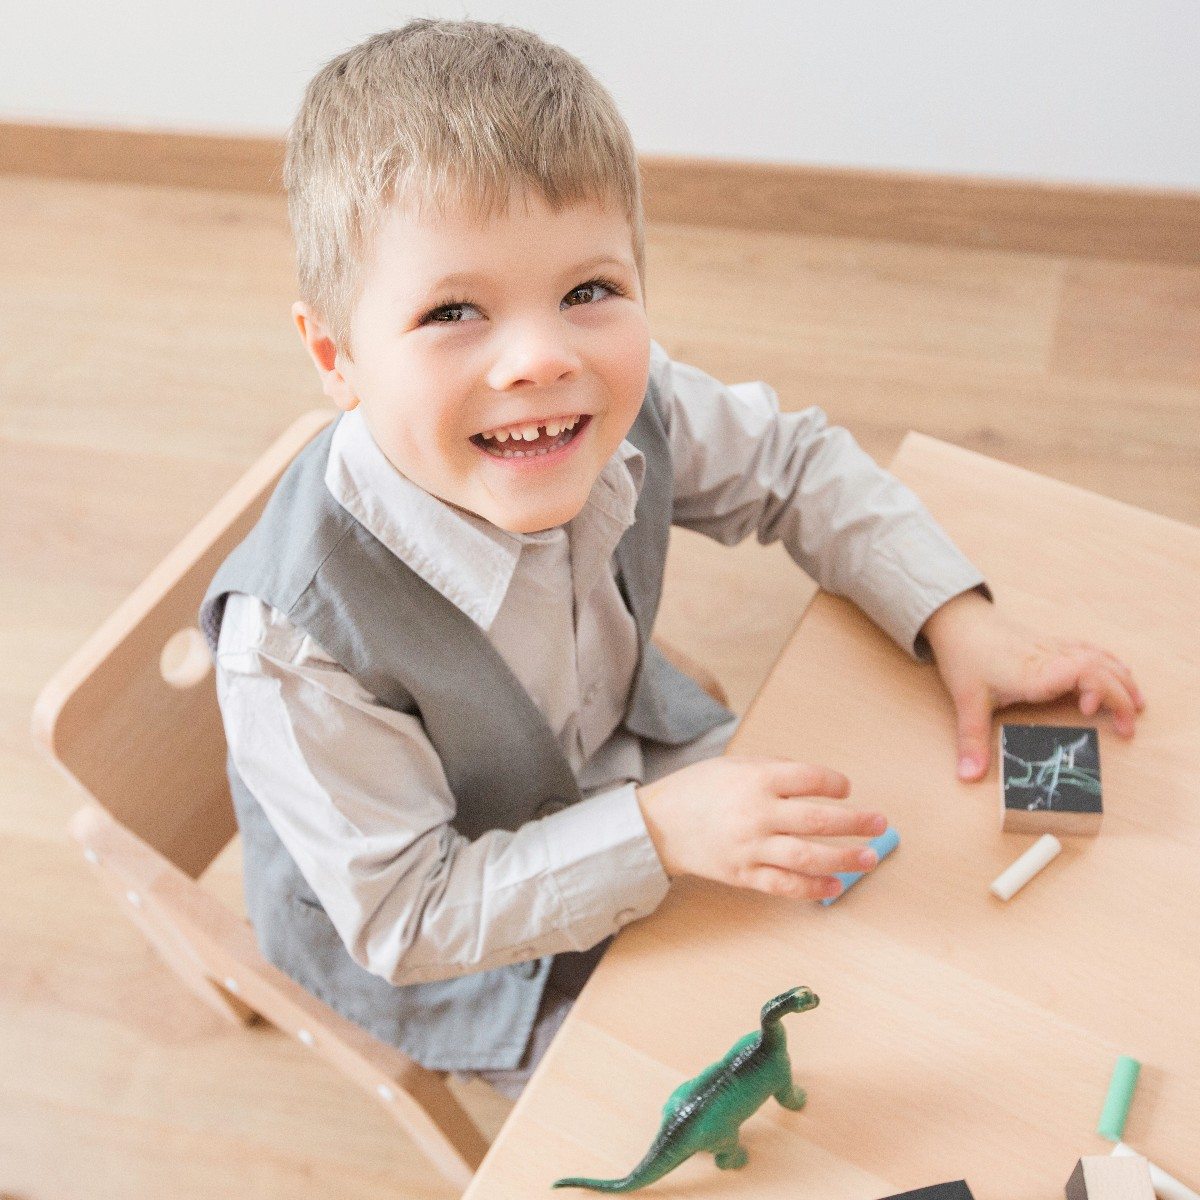 Table enfant avec jouets en bois